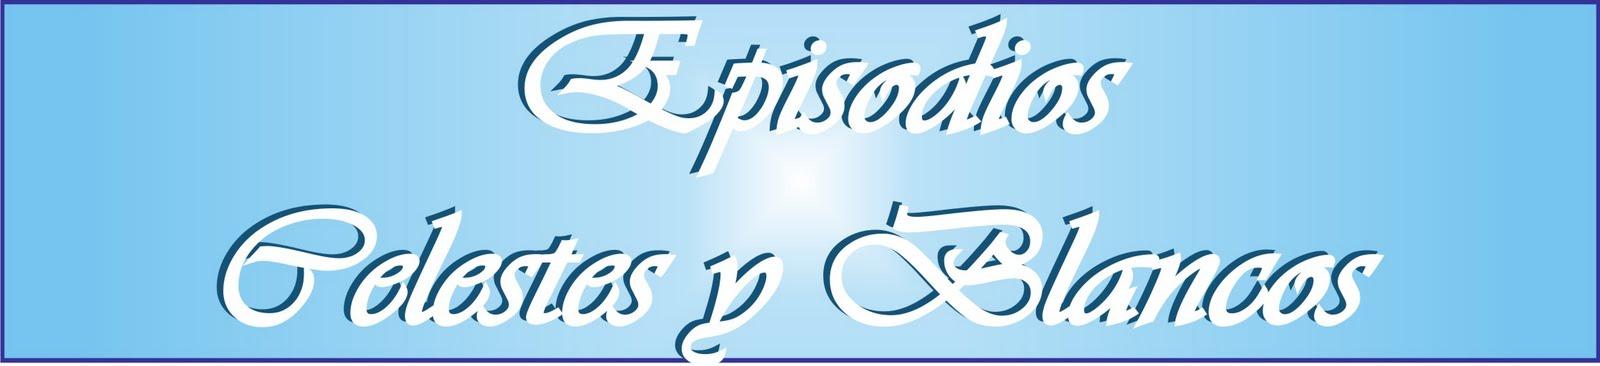 Episodios Celestes y Blancos